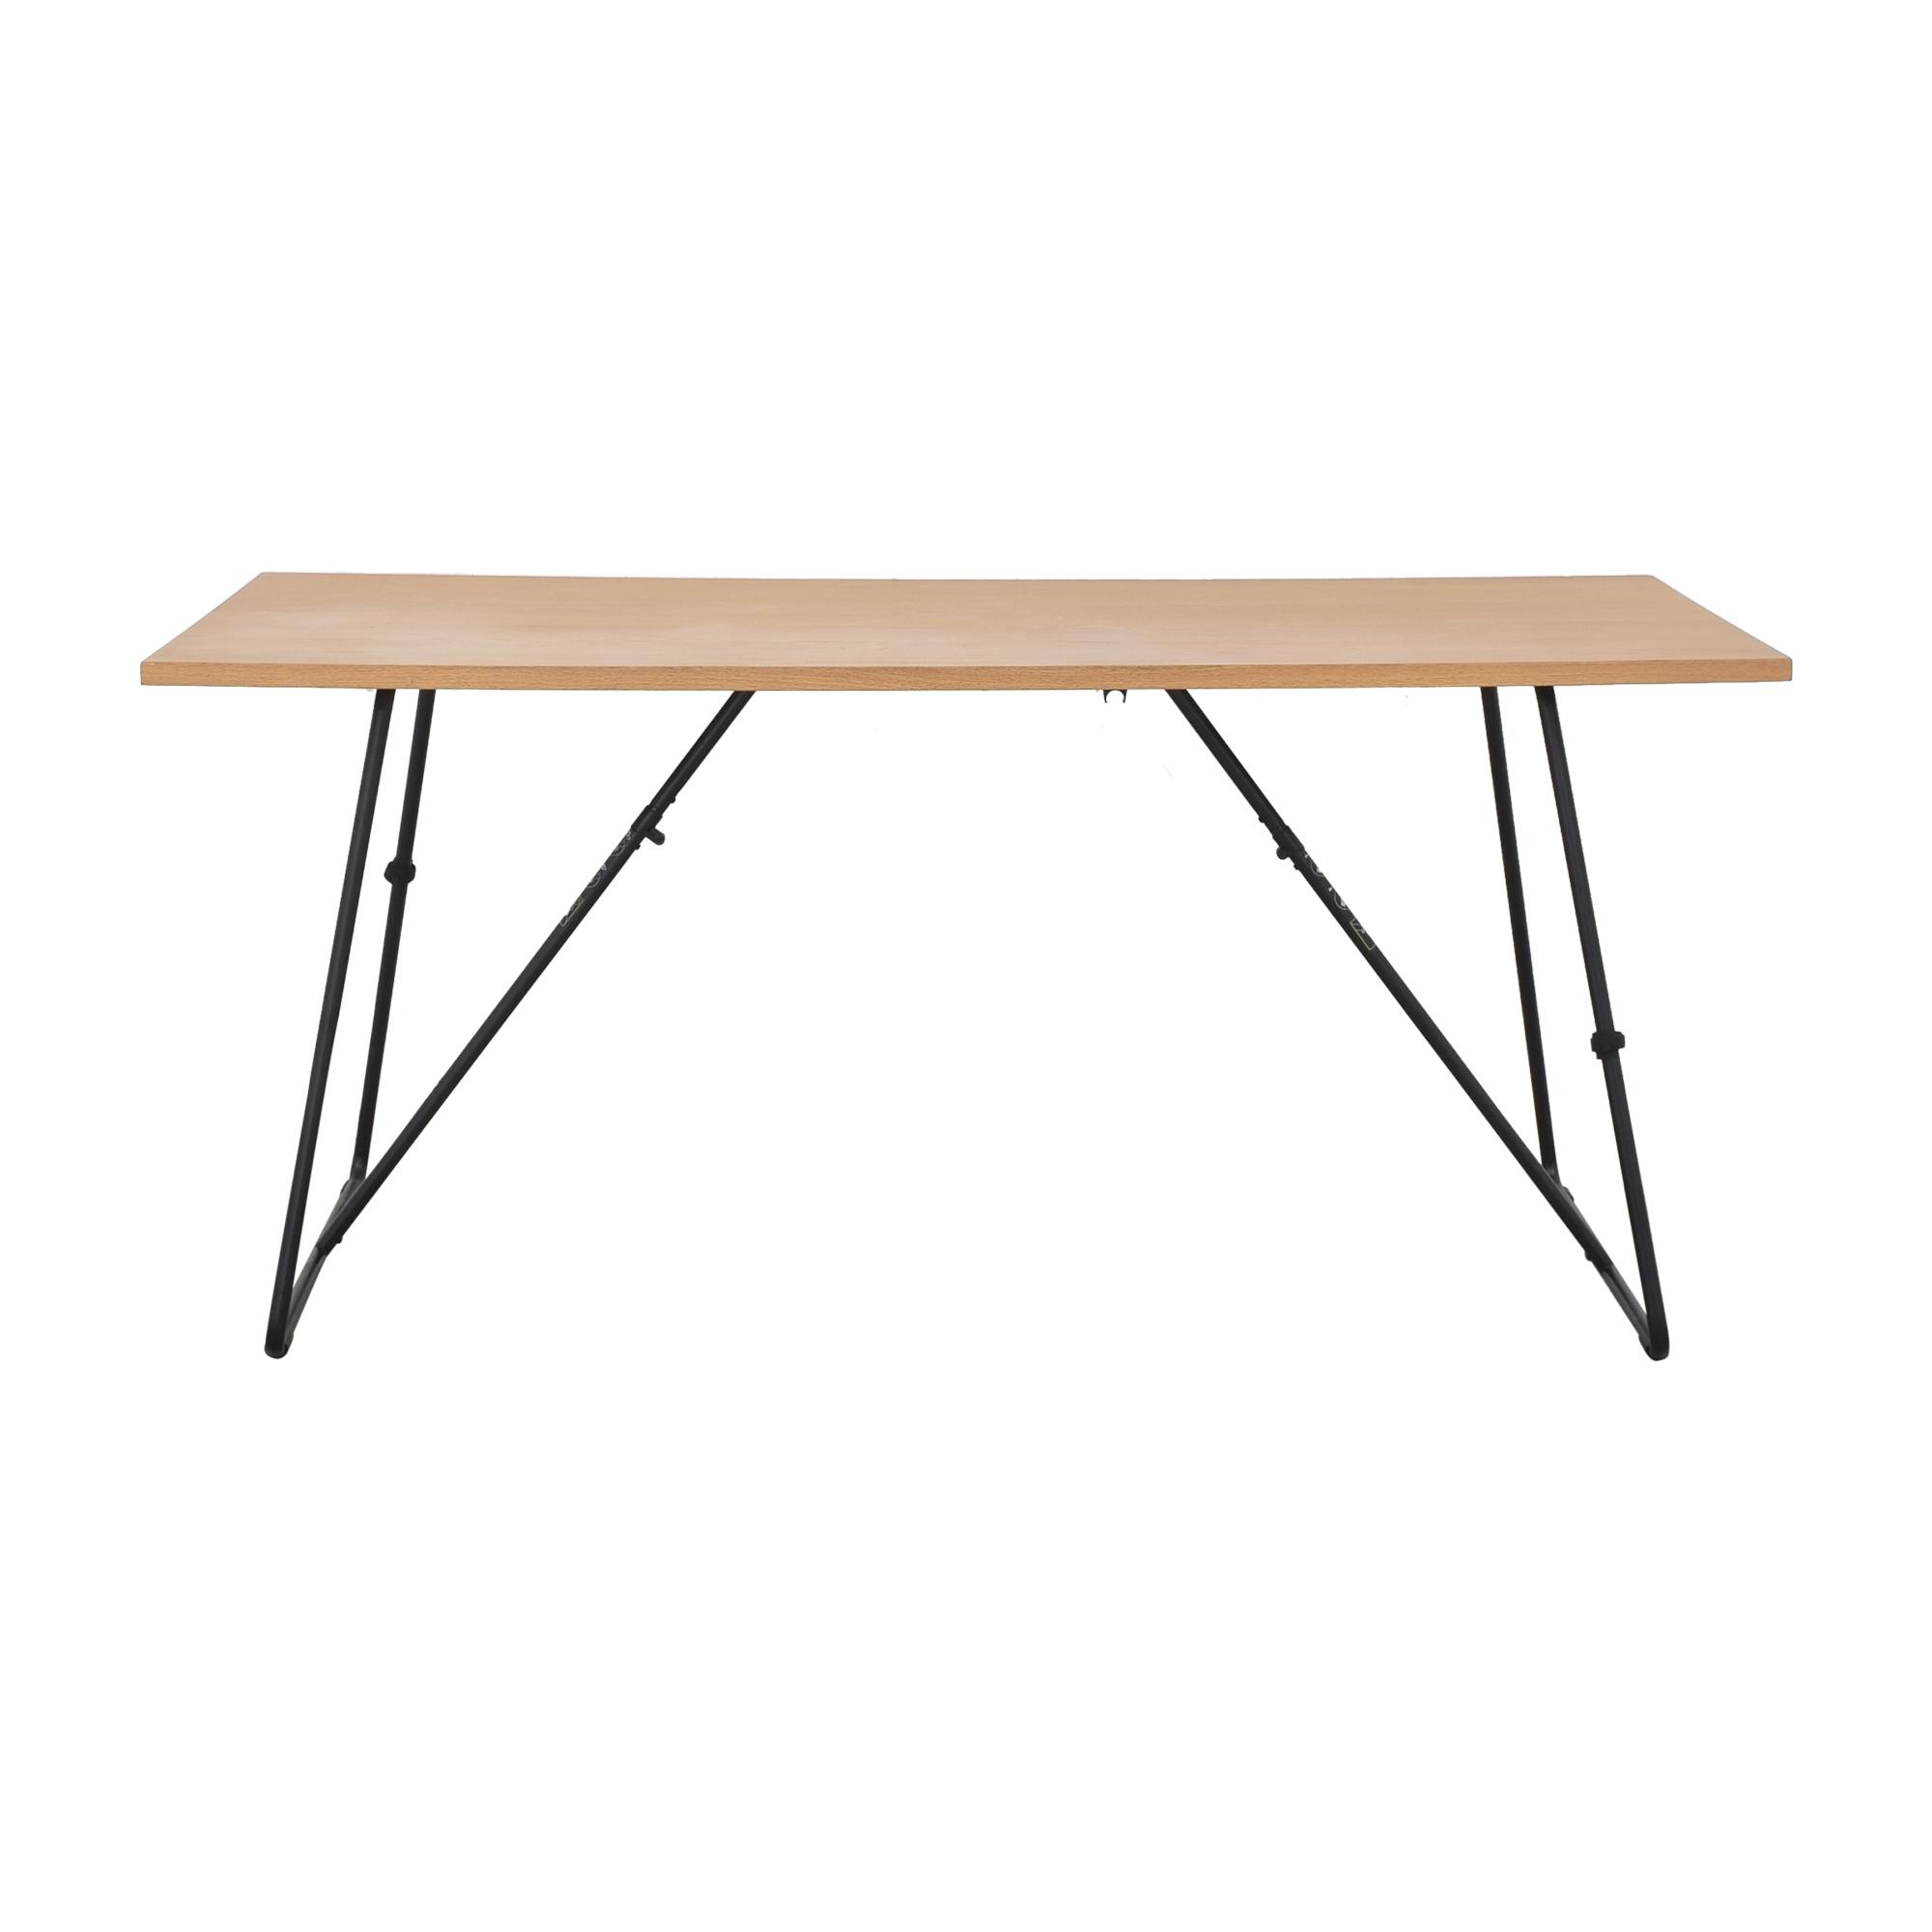 Muji Muji Foldable Table price